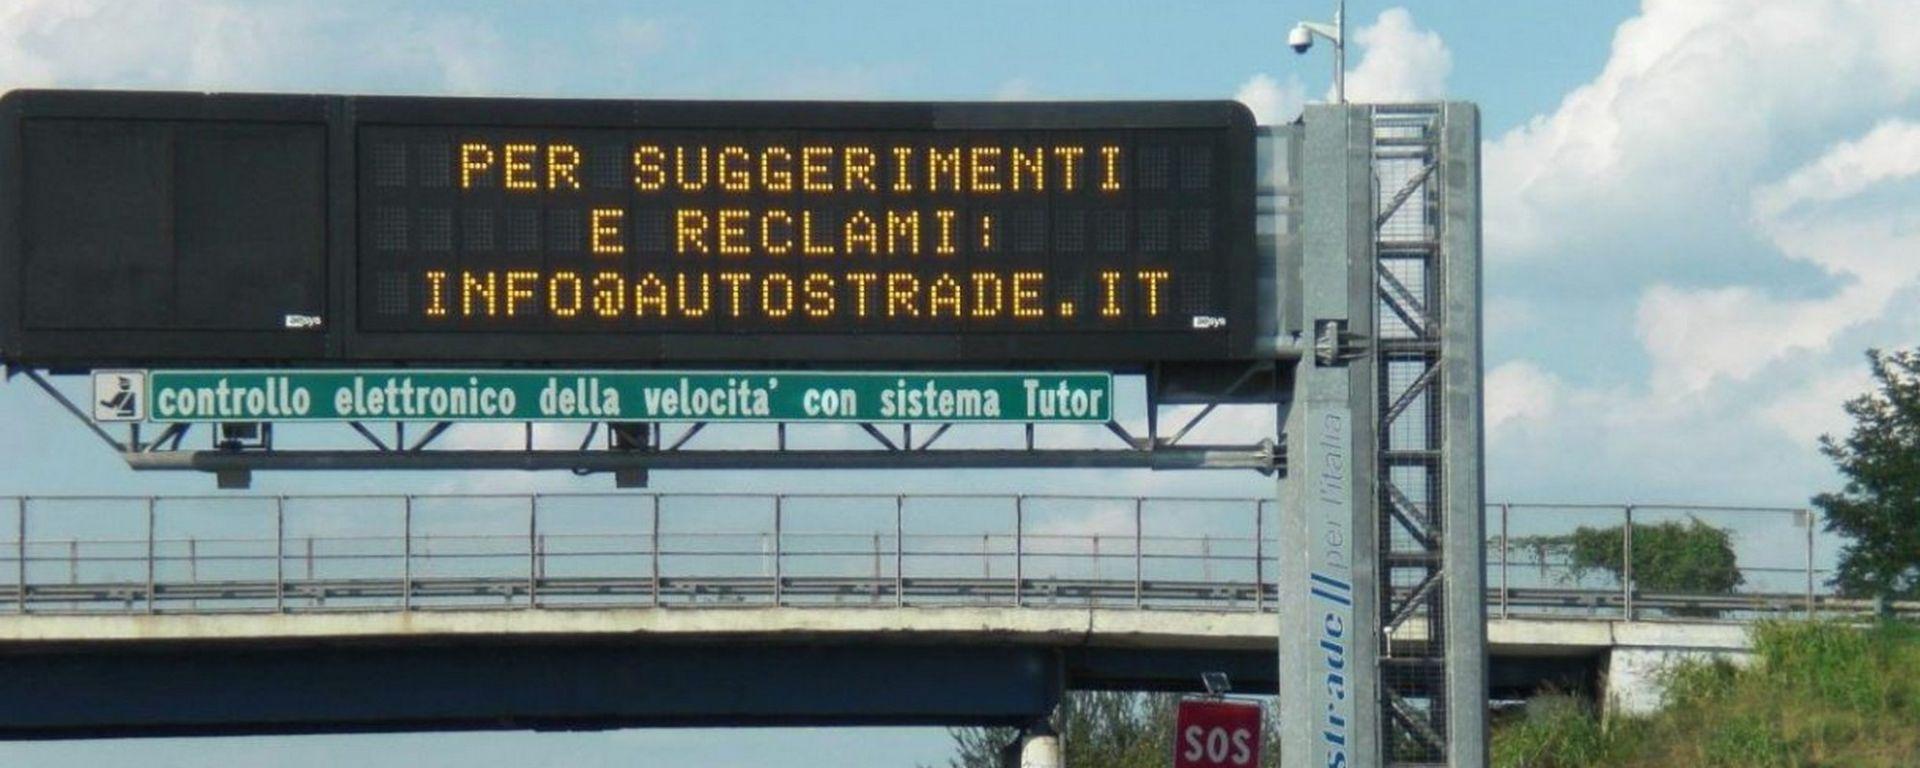 Tutor spenti - o in via di spegnimento - in tutta Italia